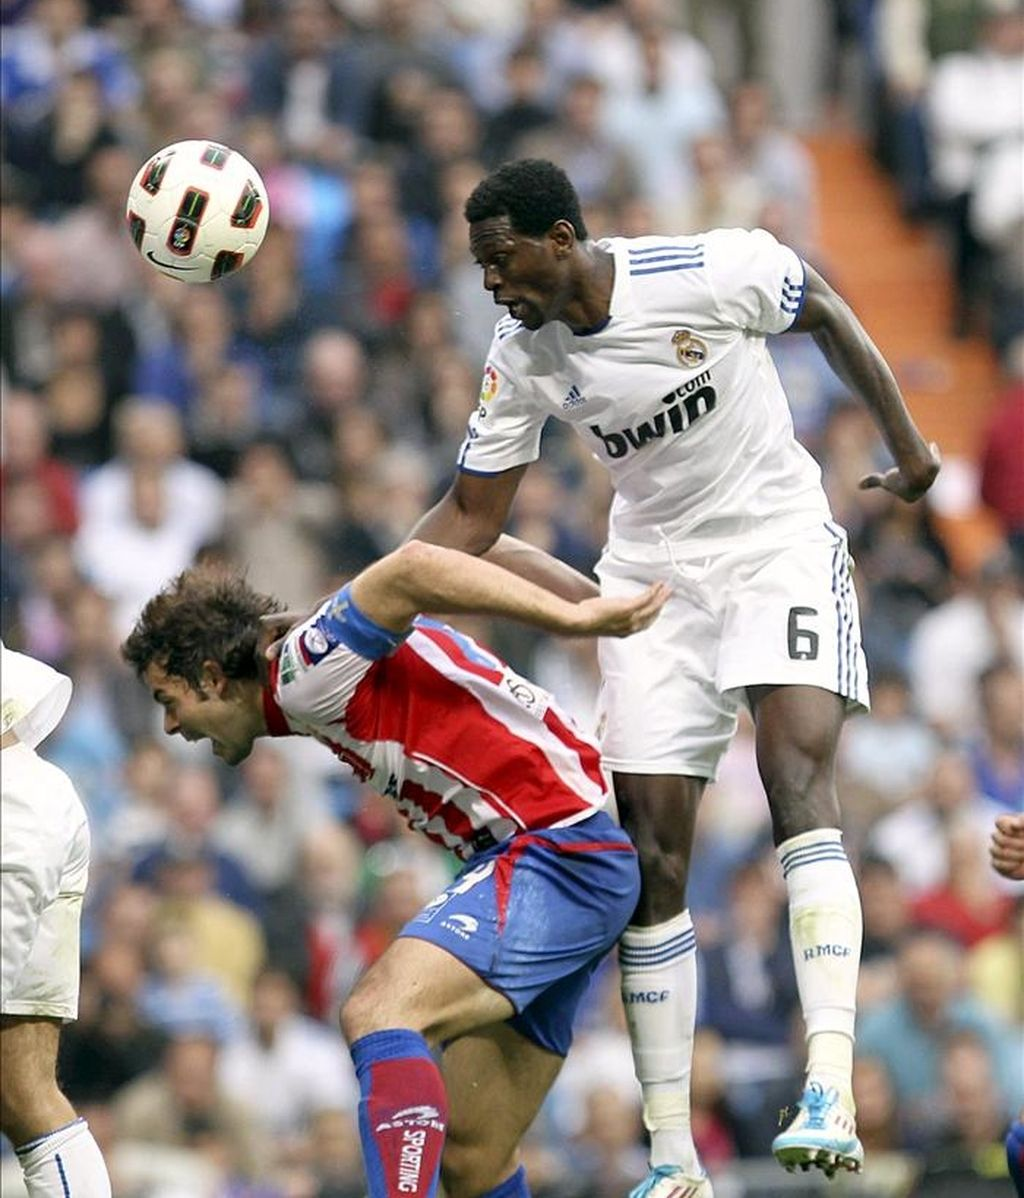 El delantero togolés del Real Madrid Emmanuel Adebayor (d) remata de cabeza un balón ante el defensa del Sporting de Gijón Iván Hernández durante el partido correspondiente a la trigésima jornada de Liga de Primera División que ha enfrentado a ambos equipos esta tarde en el estadio Santiago Bernabéu. EFE